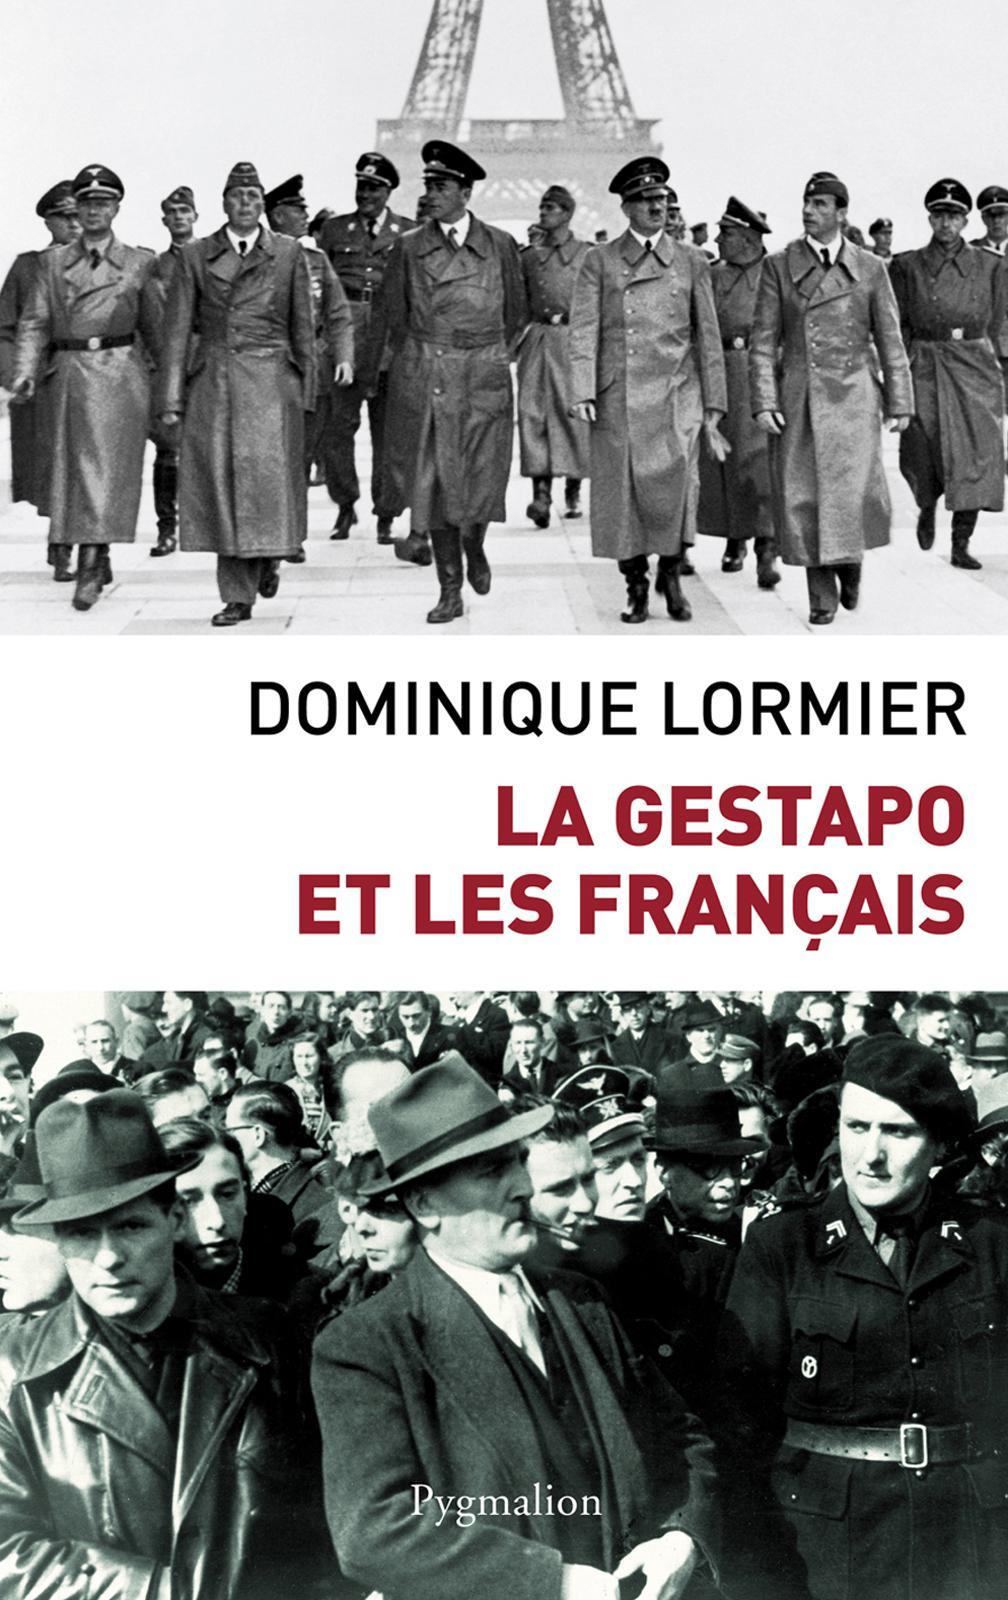 La Gestapo et les Français